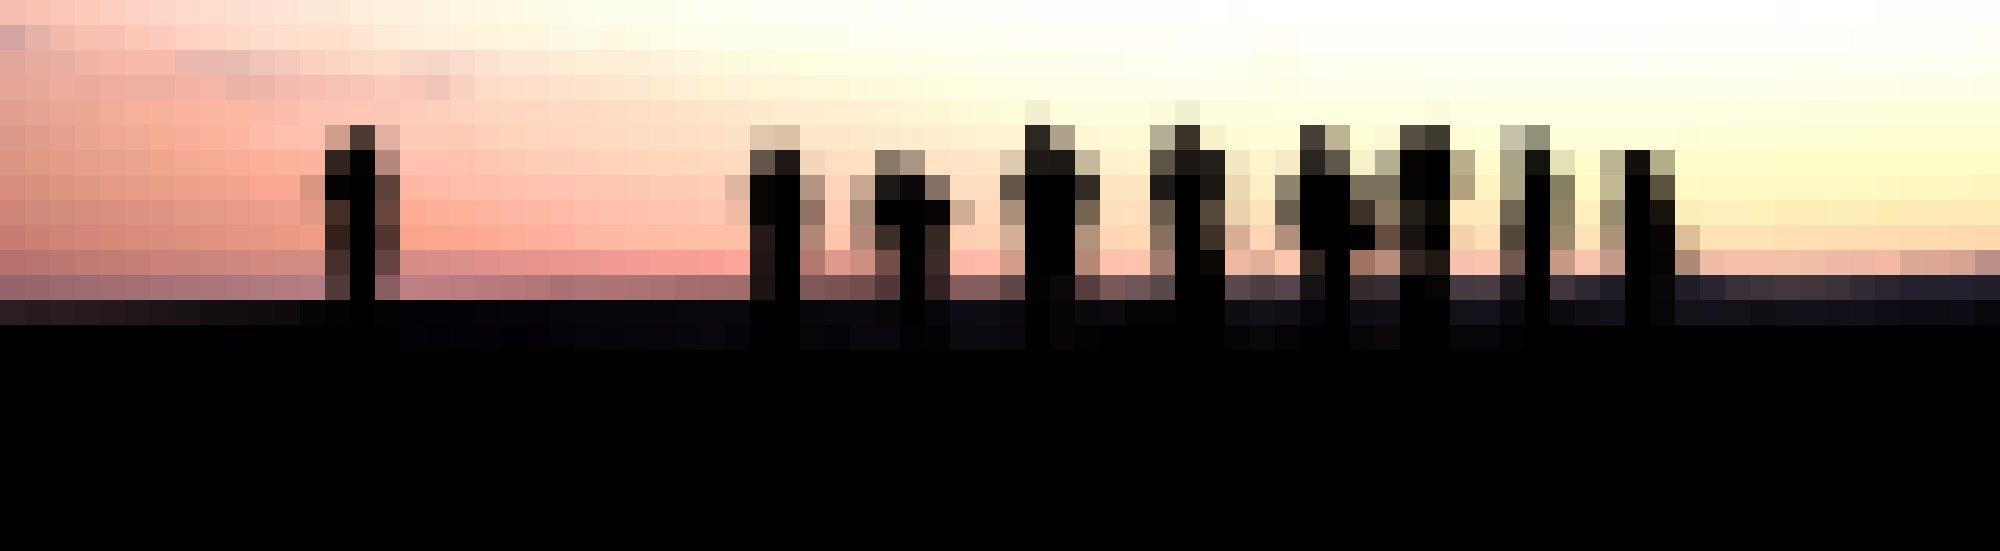 Eine Gruppe Vogelbeobachter im Morgengrauen, nur als Silhouetten erkennbar.